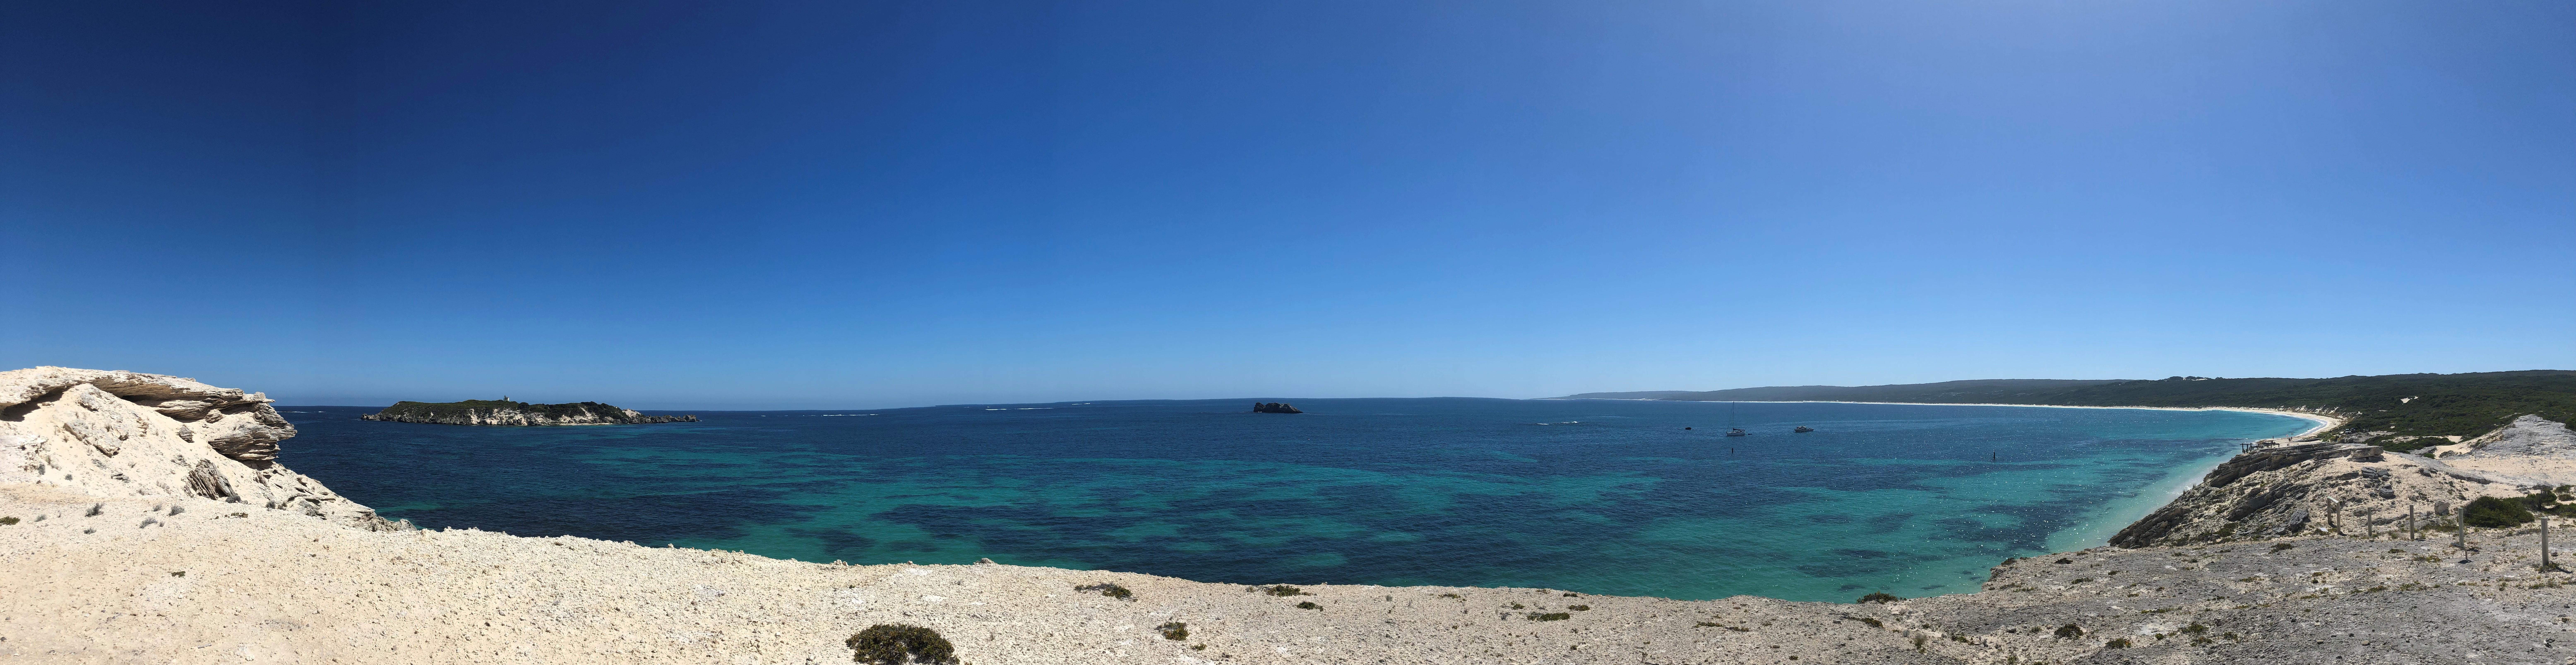 Panoramic Shot Of Hamelin Bay